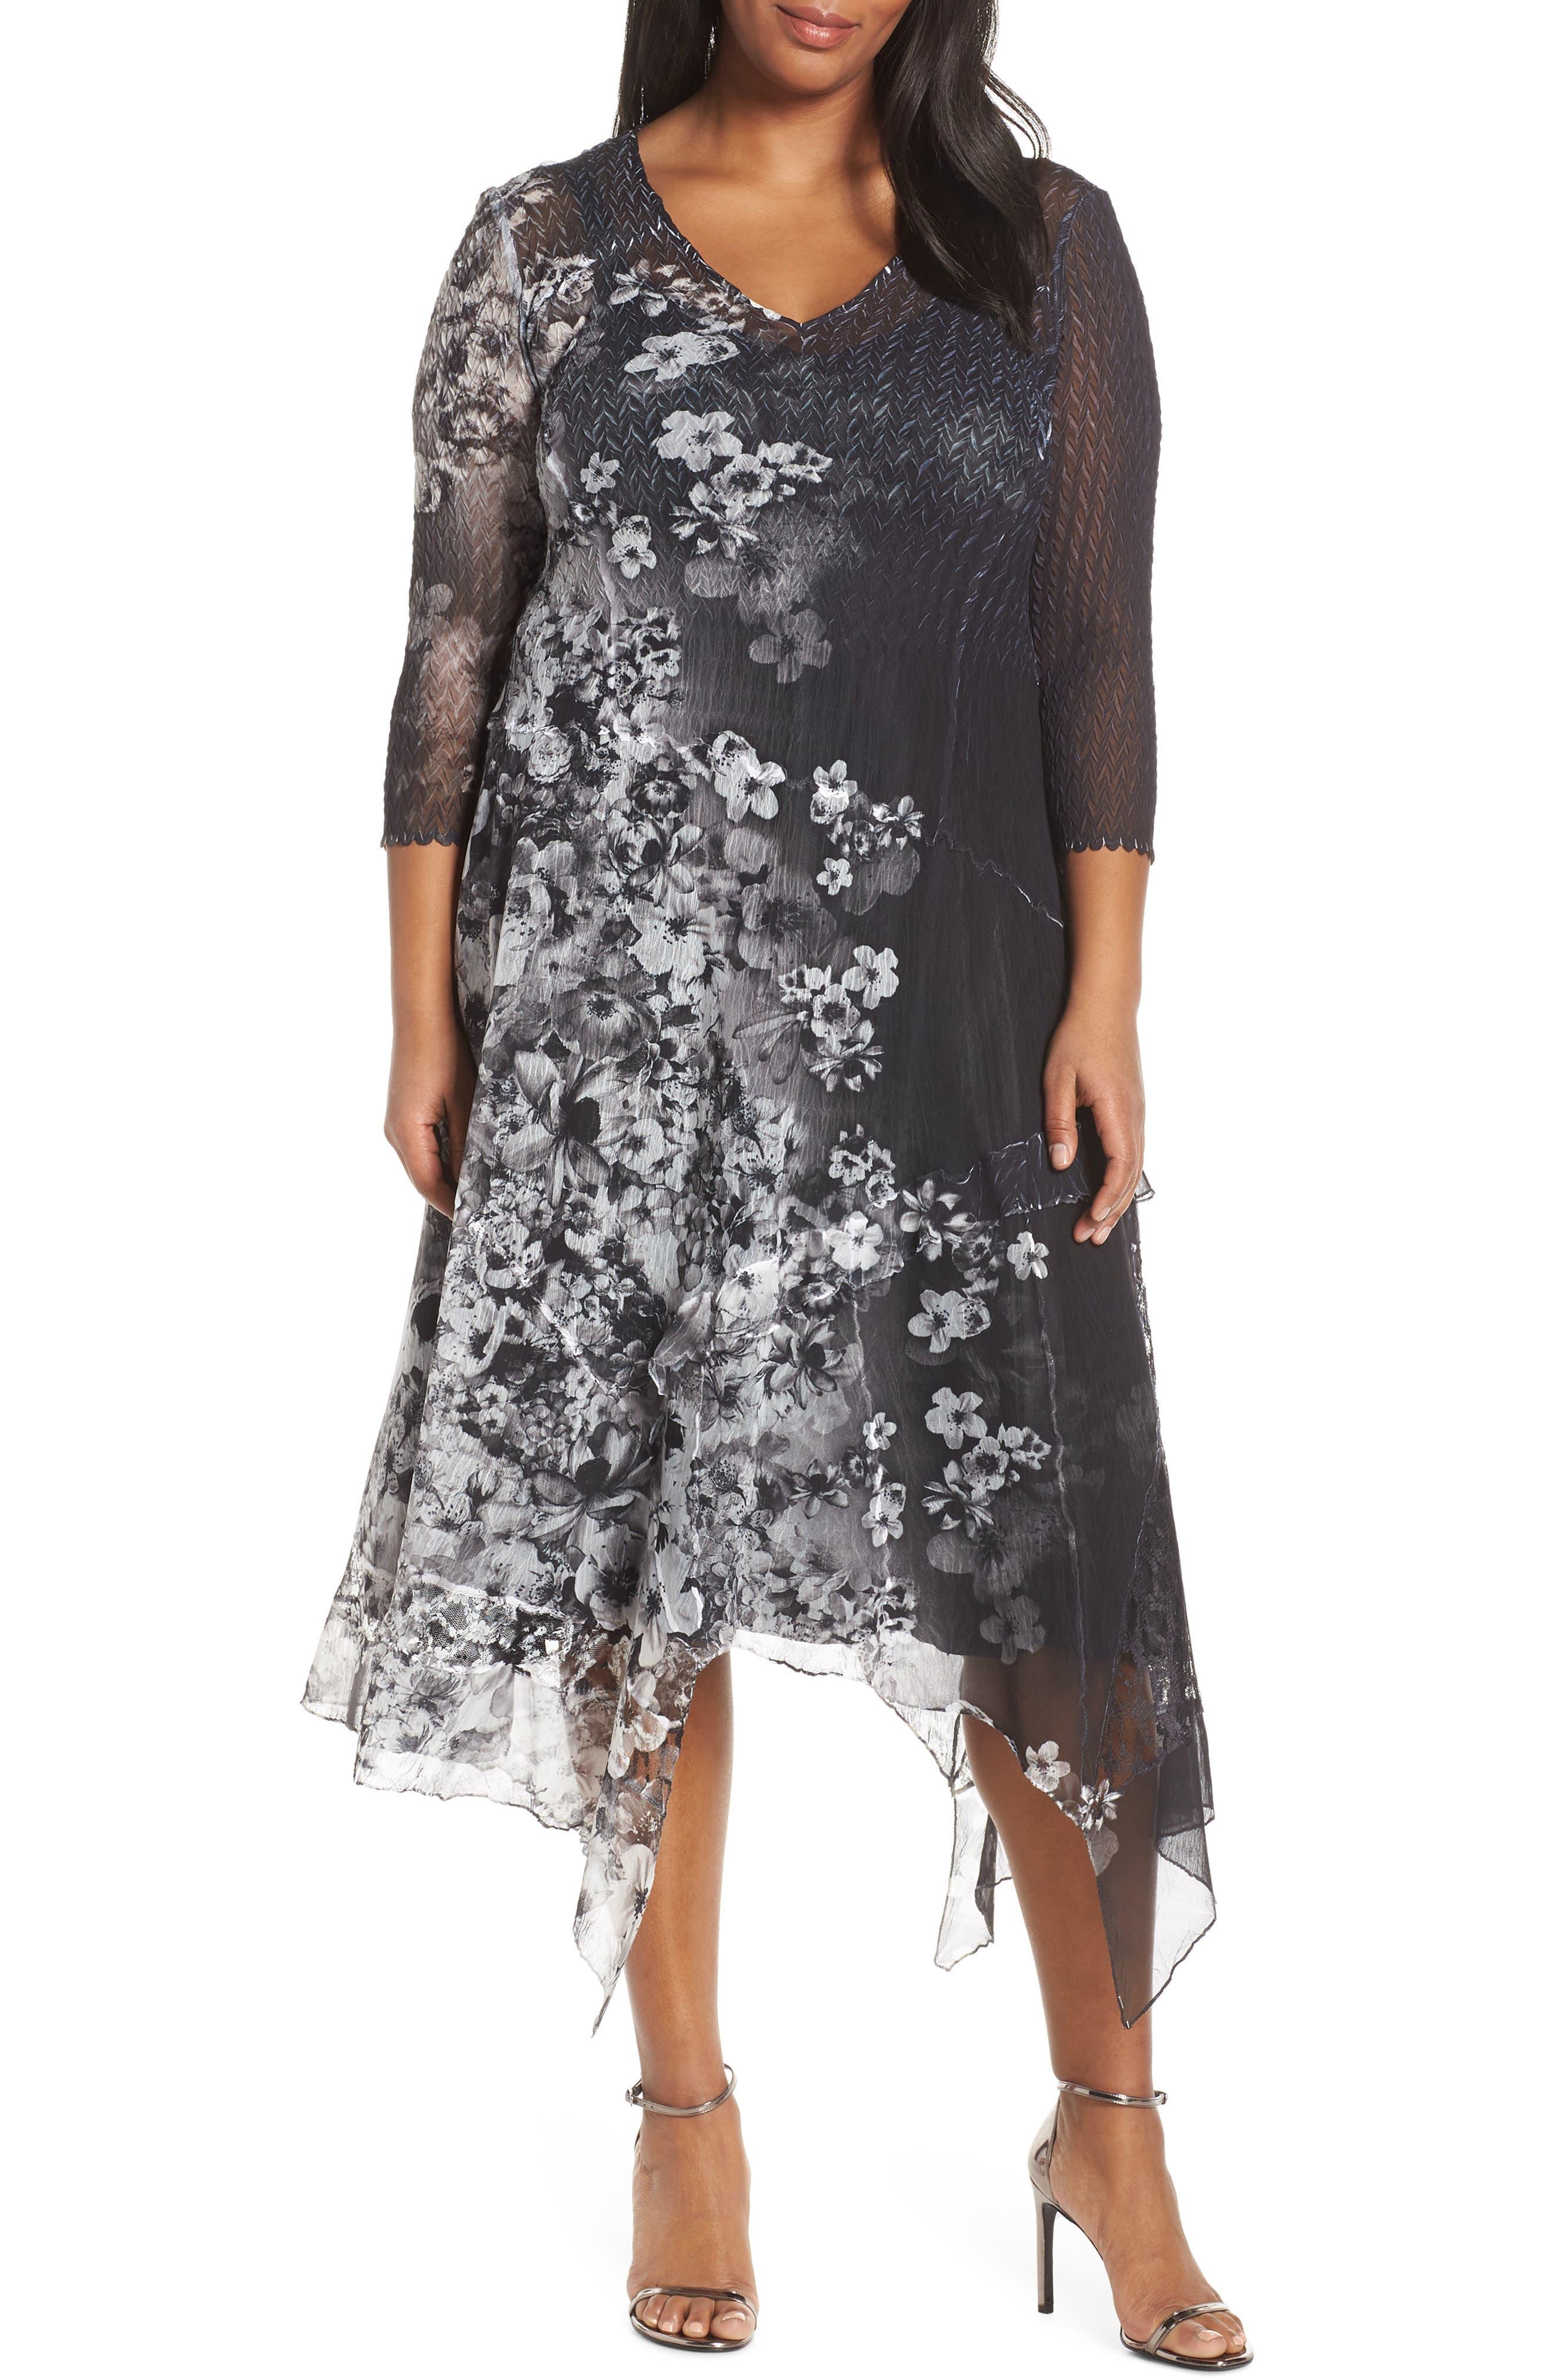 KOMAROV, Handkerchief Hem Cocktail Dress, Main thumbnail 1, color, MOONLIGHT BLOOM